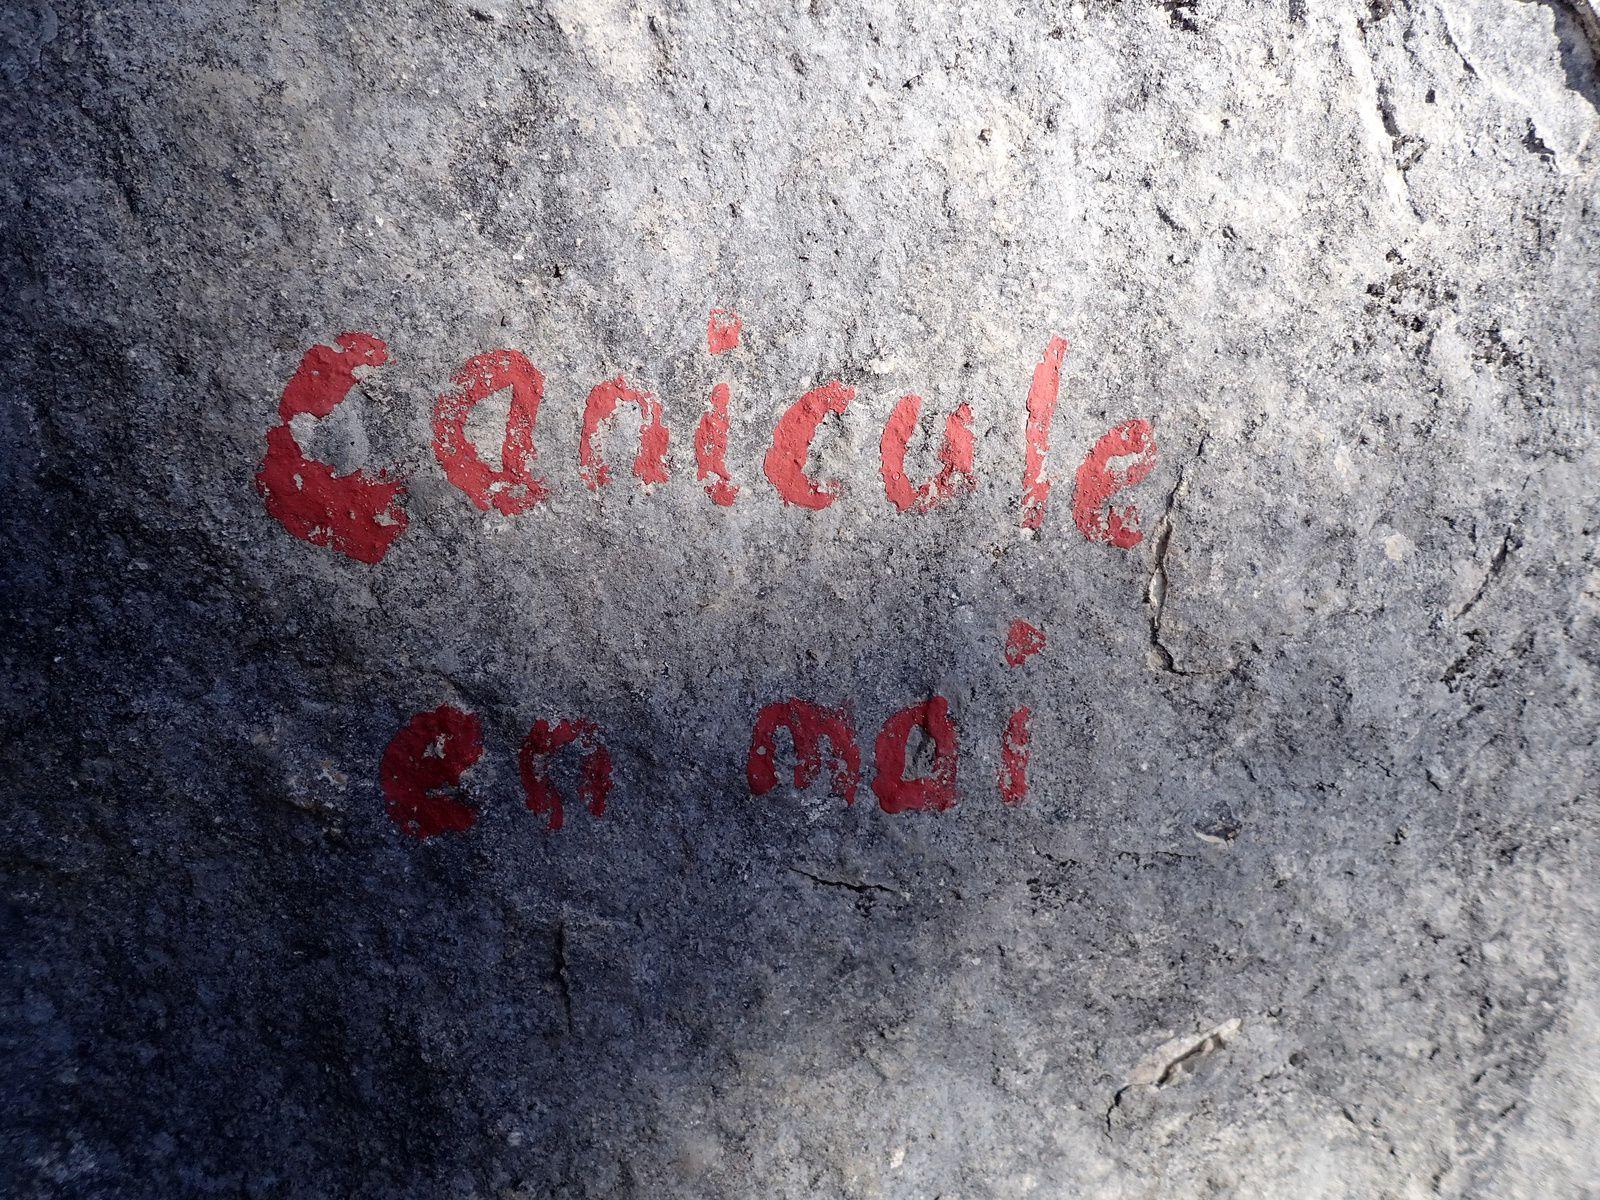 Rocher du Béard (secteur Beau comme un rêve): Les couennes